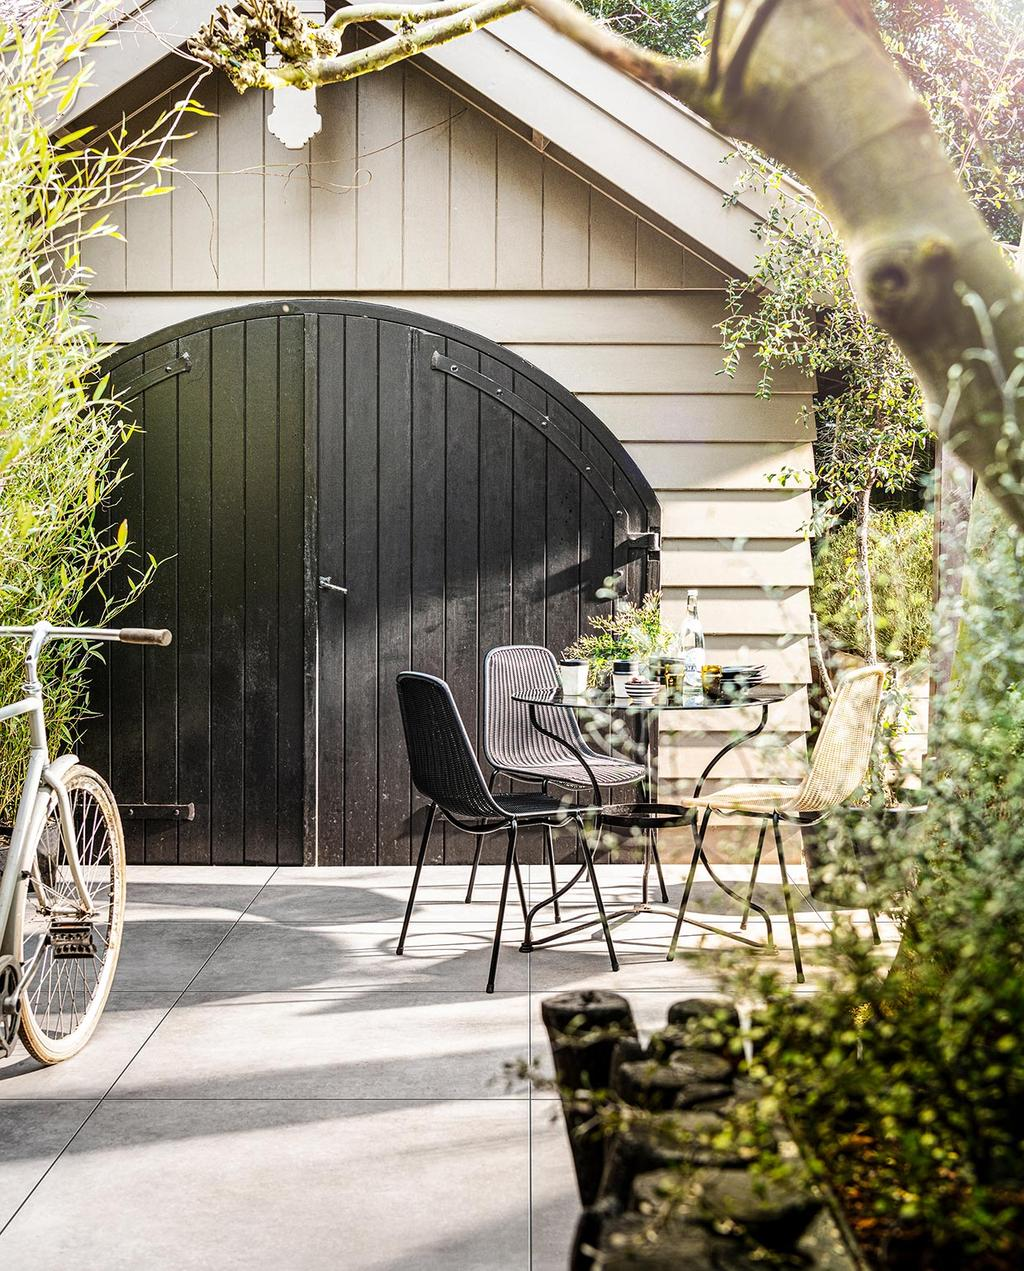 vtwonen 03-2021 | schuur met fiets en tafel met nieuwe vtwonen tegels